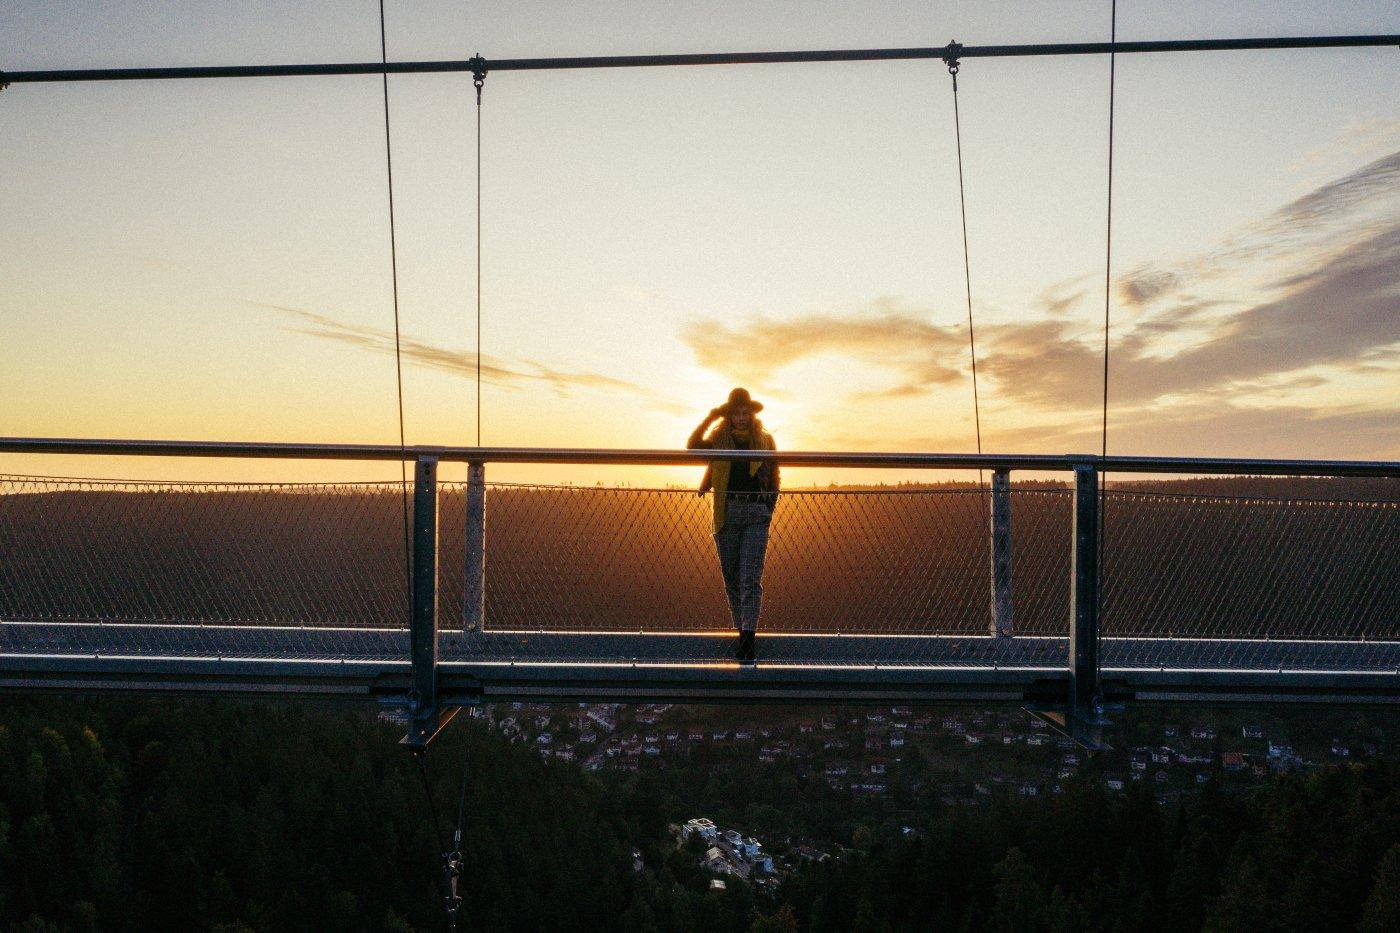 Naturerlebnis auf der Hängebrücke WILDLINE Bad Wildbad